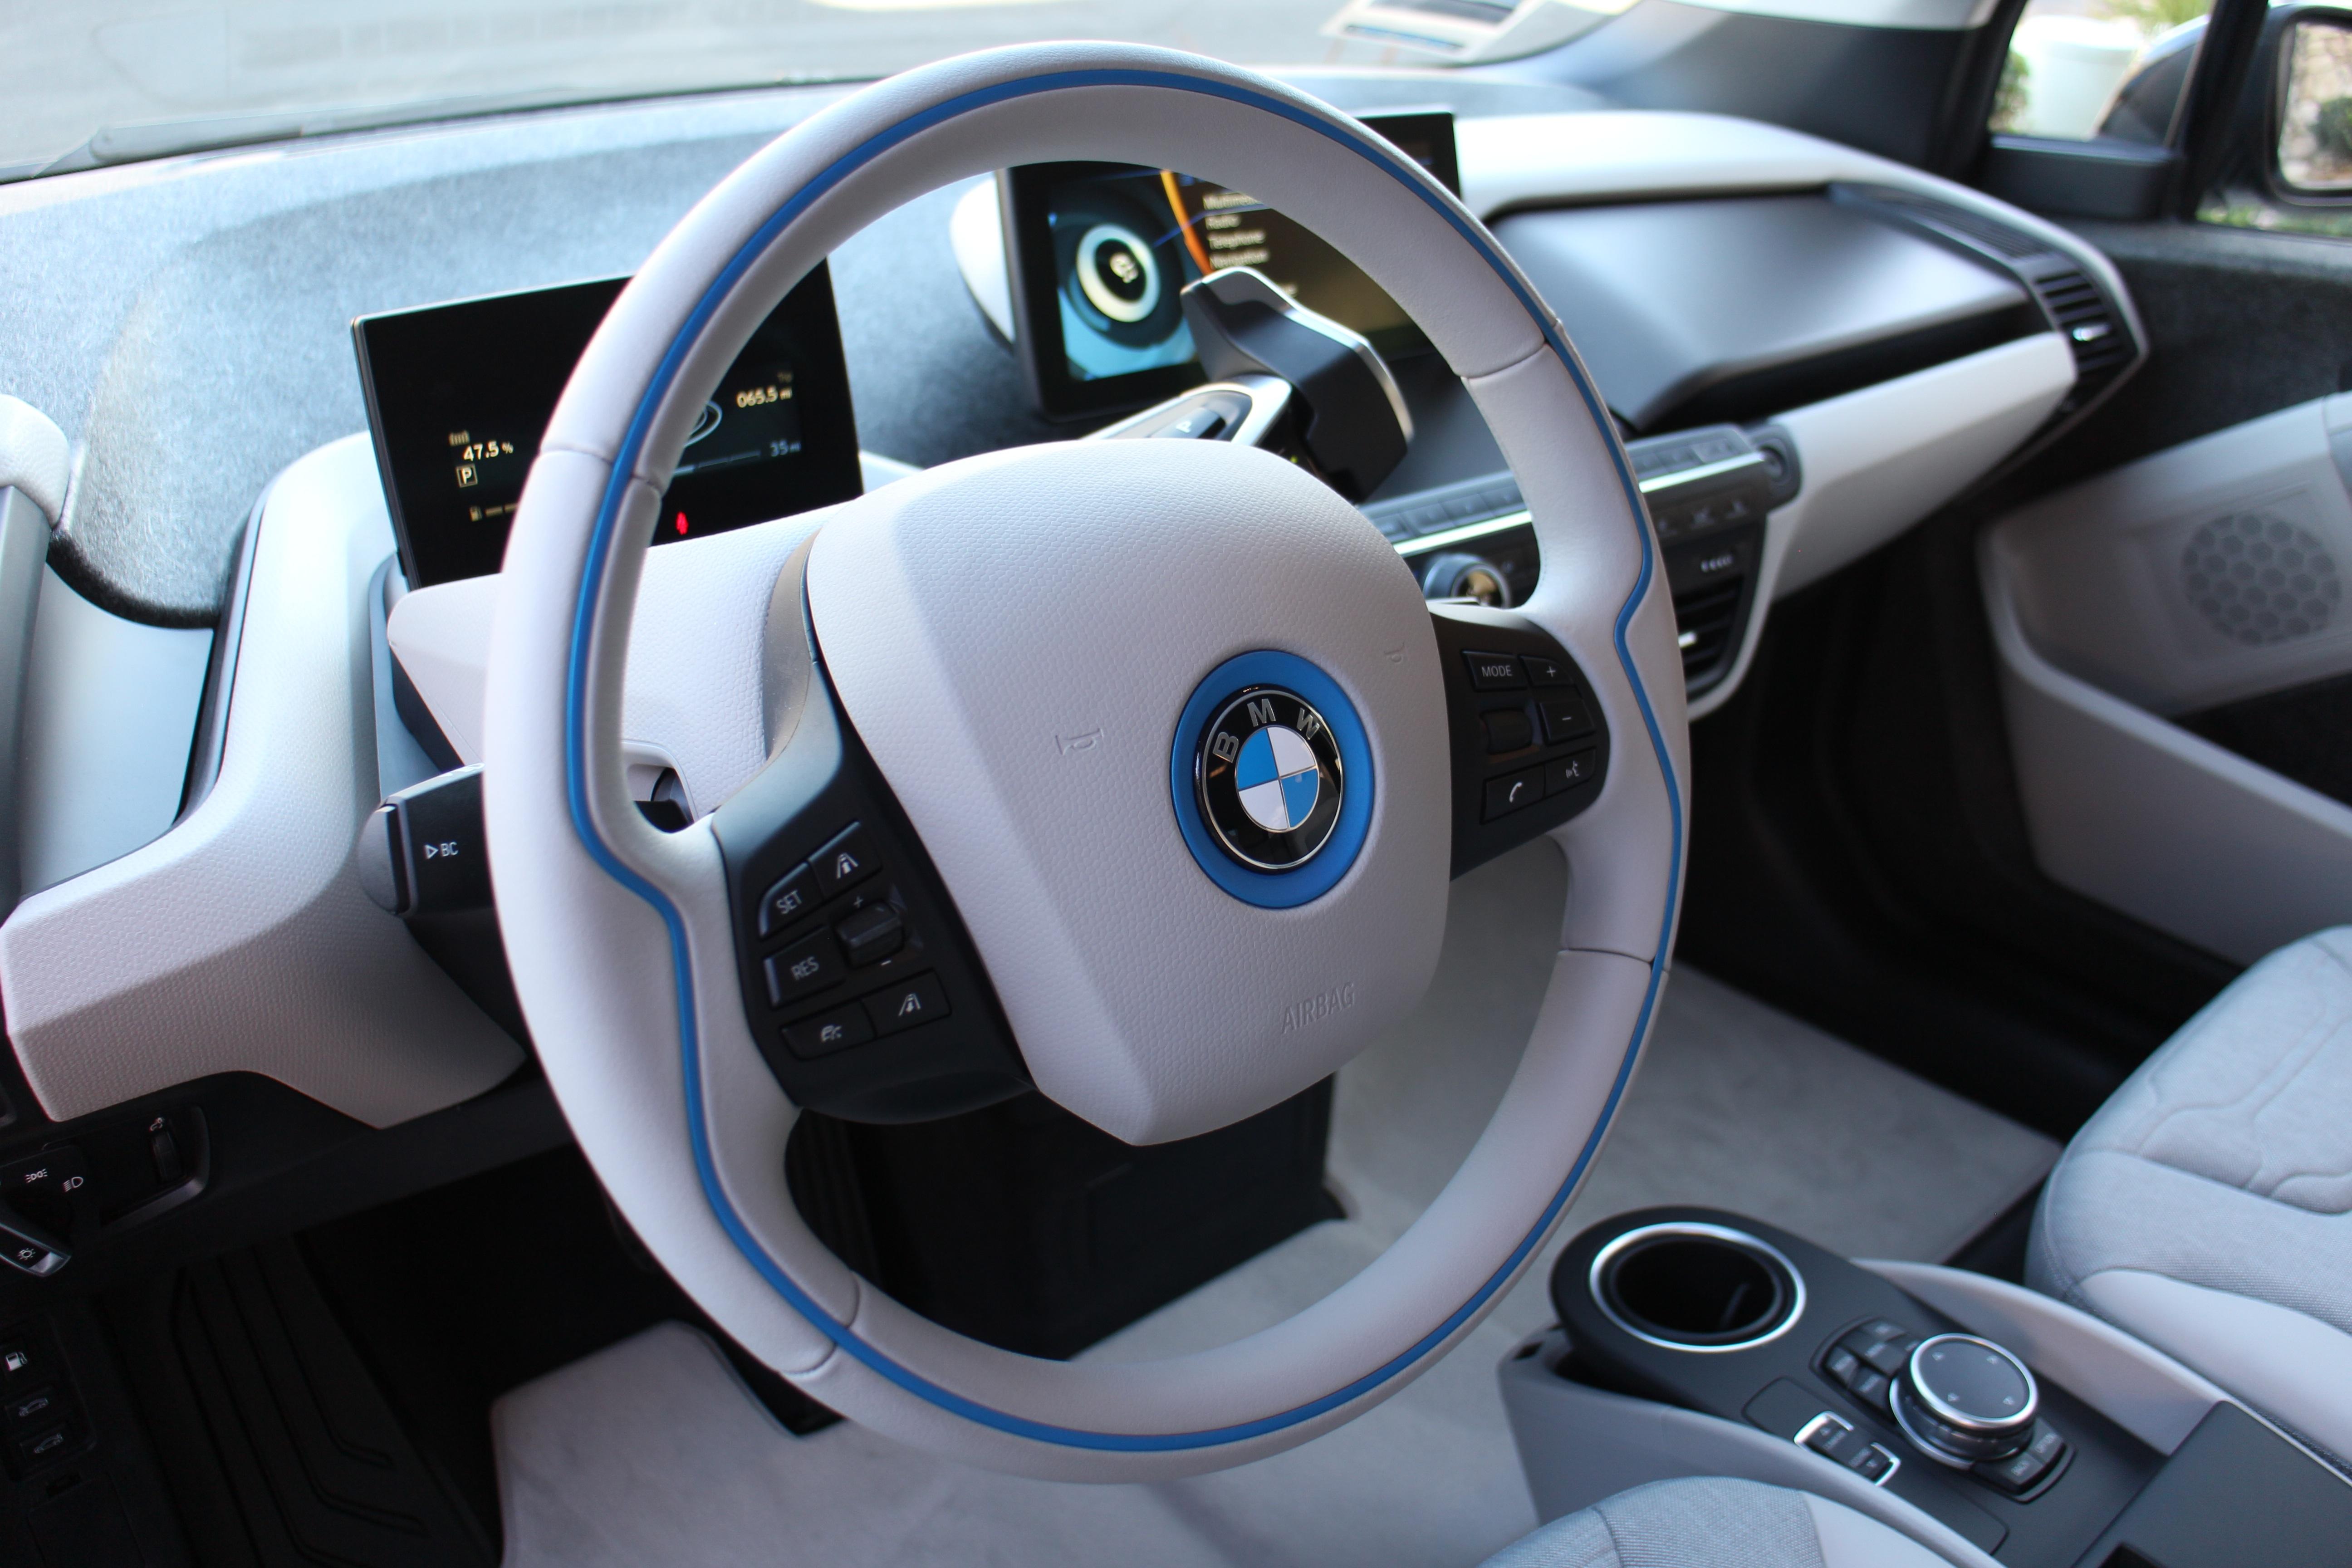 Gratis Afbeeldingen : auto, wiel, auto-, interieur, voertuig, stuur ...